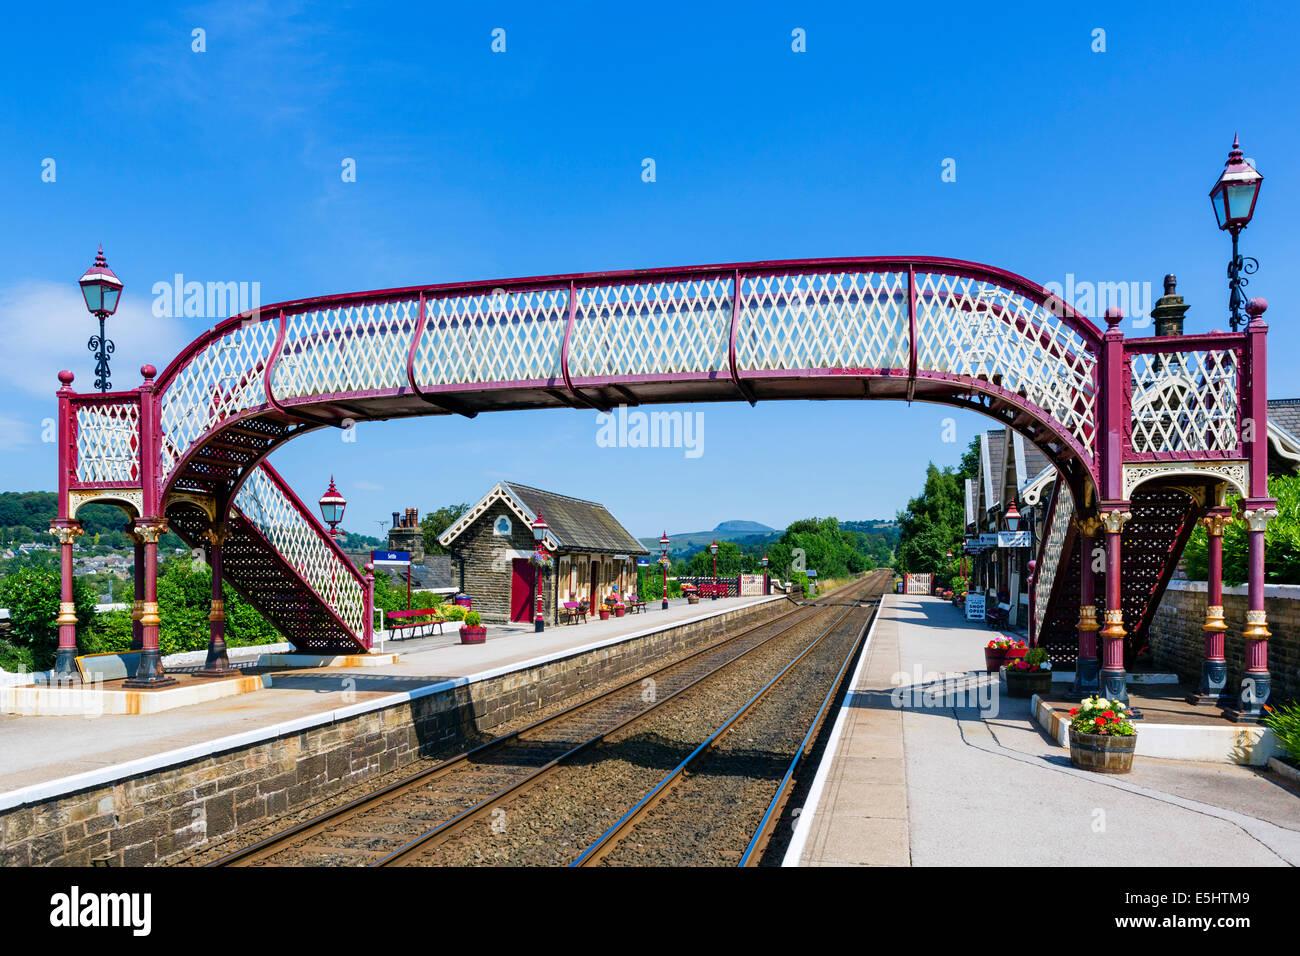 Settle Railway Station, start of the Settle-Carlisle Railway, North Yorkshire, UK - Stock Image